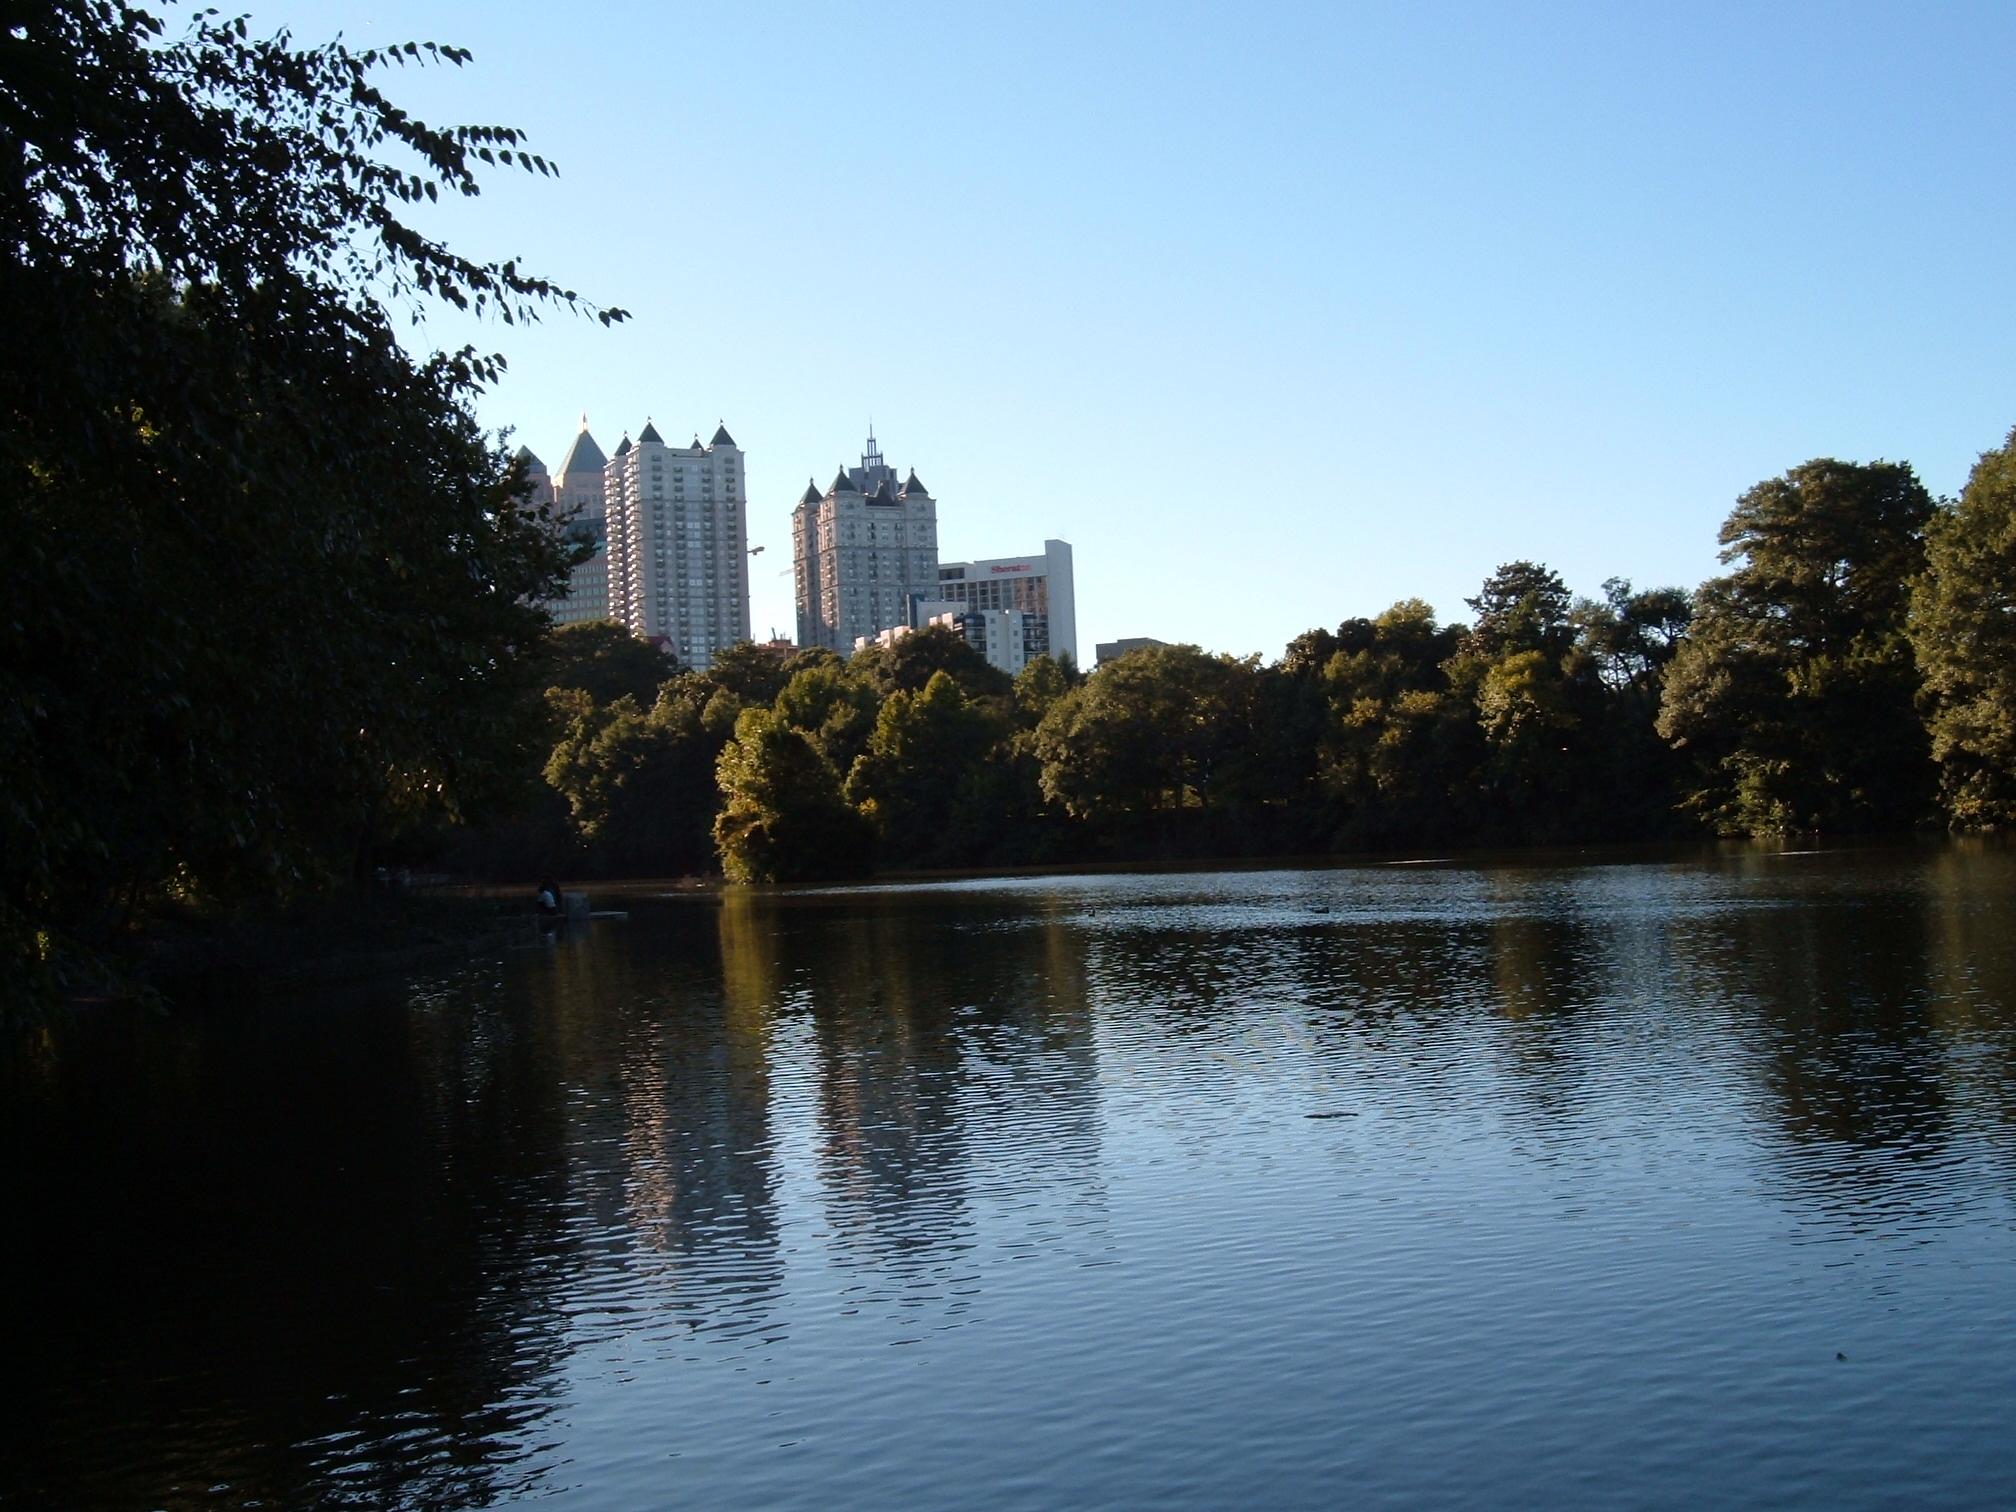 Lake Burton View Property